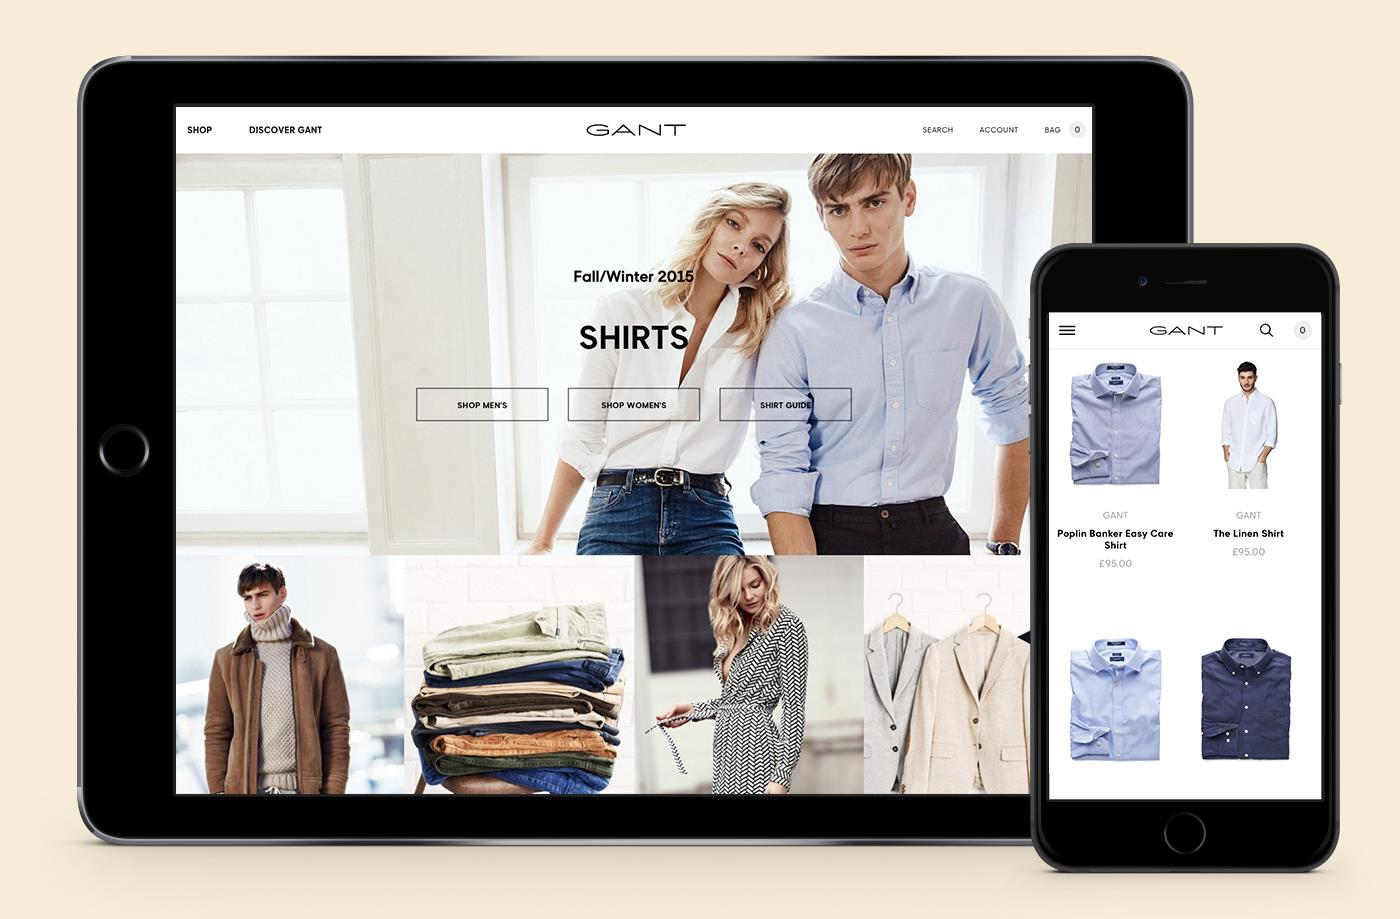 国外多套精品服装品牌形象设计案例